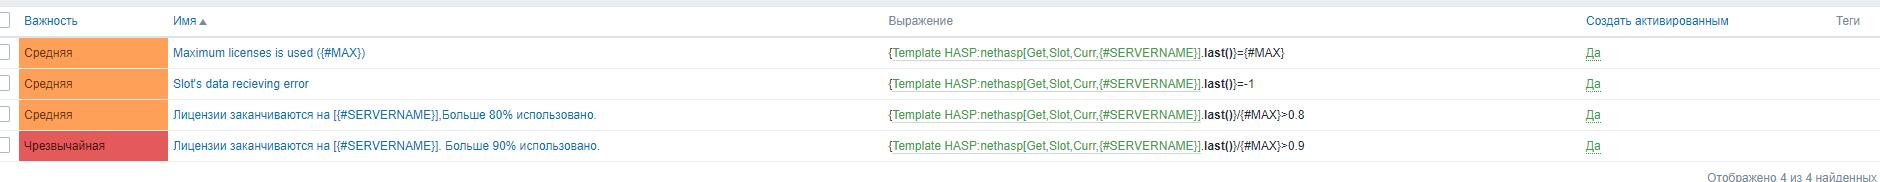 Как мониторить ключи hasp на сервере 1с. Мониторим с помощью zabbix hasp ключи.